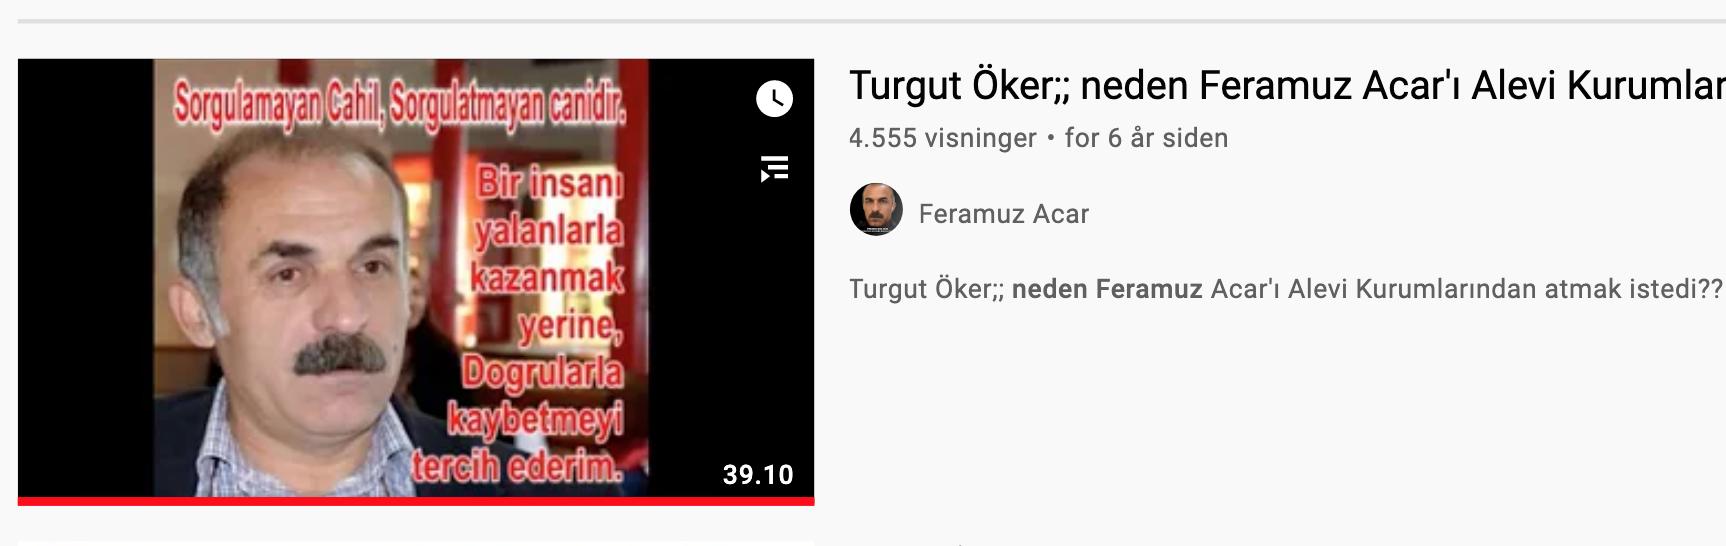 B10 Feramuz Acar Turgut Öker video